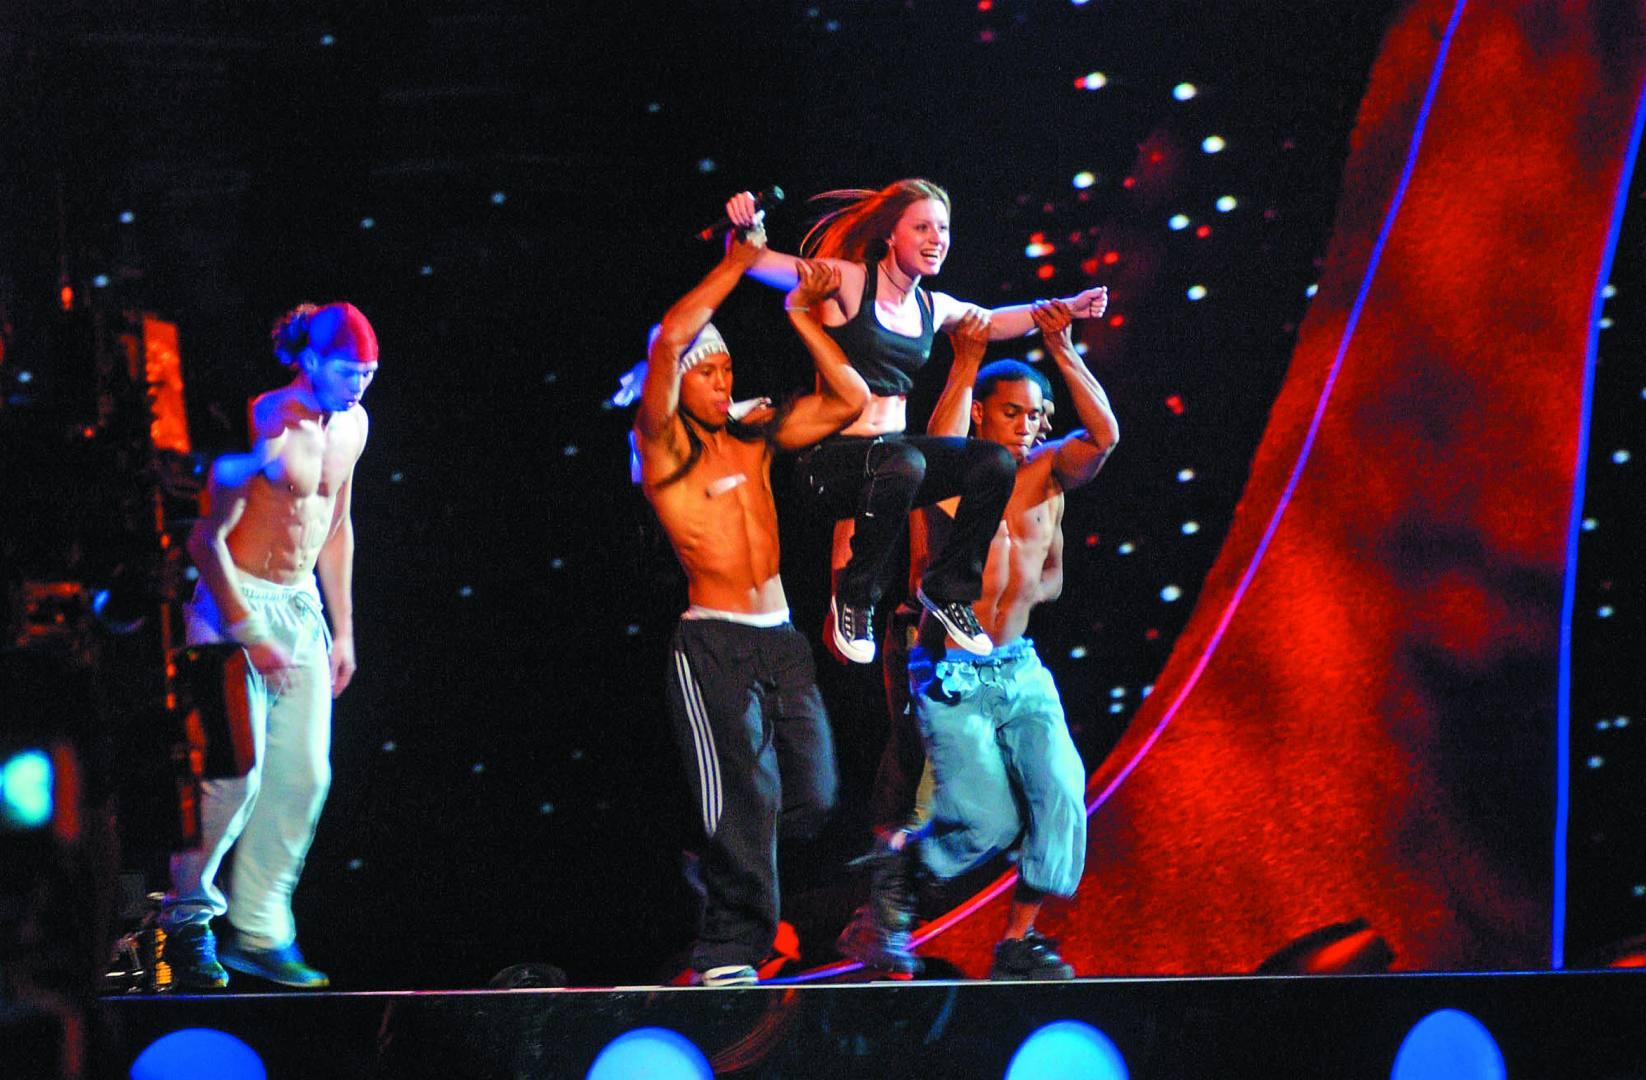 """""""Макс тогда разочаровался во мне"""": Юлия Савичева вспомнила о своем провальном выступлении на Евровидении"""